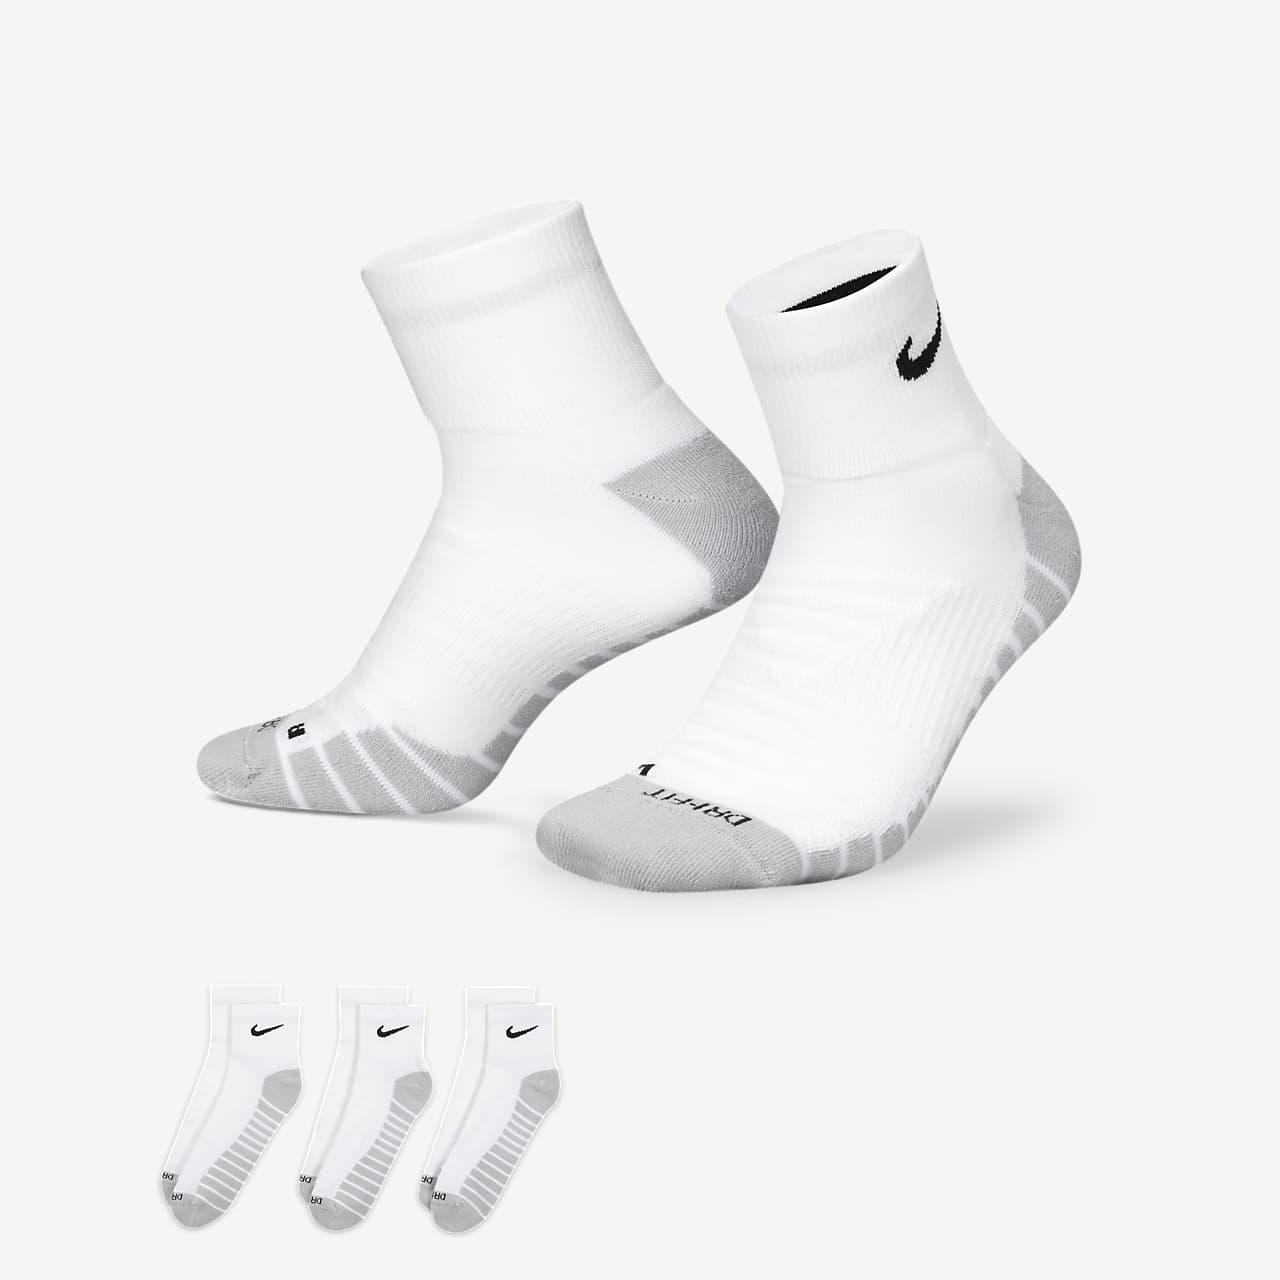 Nike Dry Cushion Quarter treningssokker (3 par)